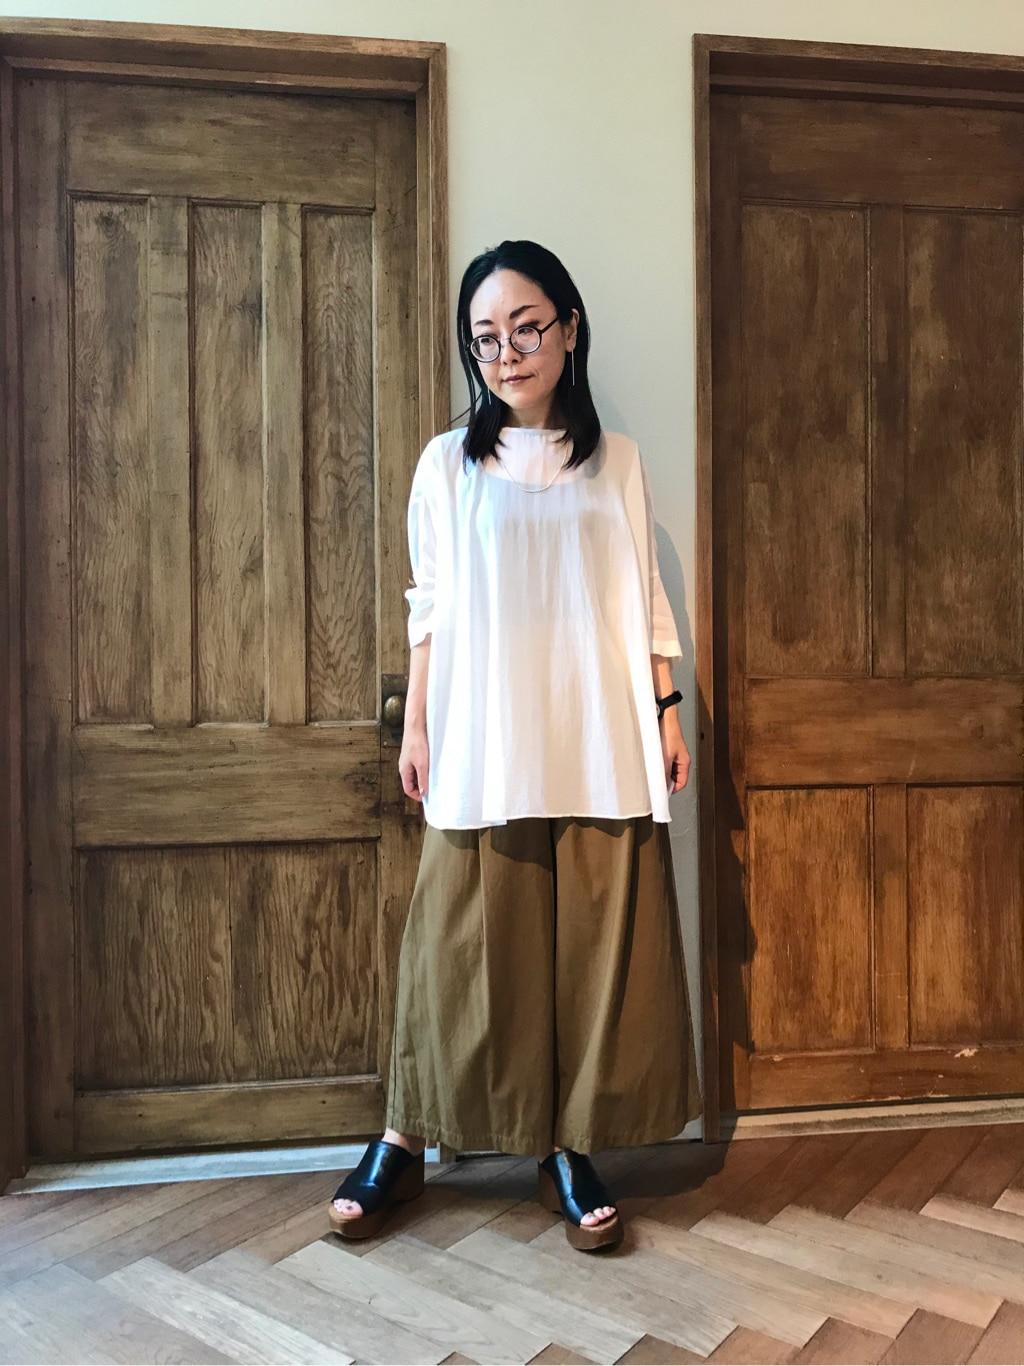 yuni 京都路面 身長:152cm 2020.08.11